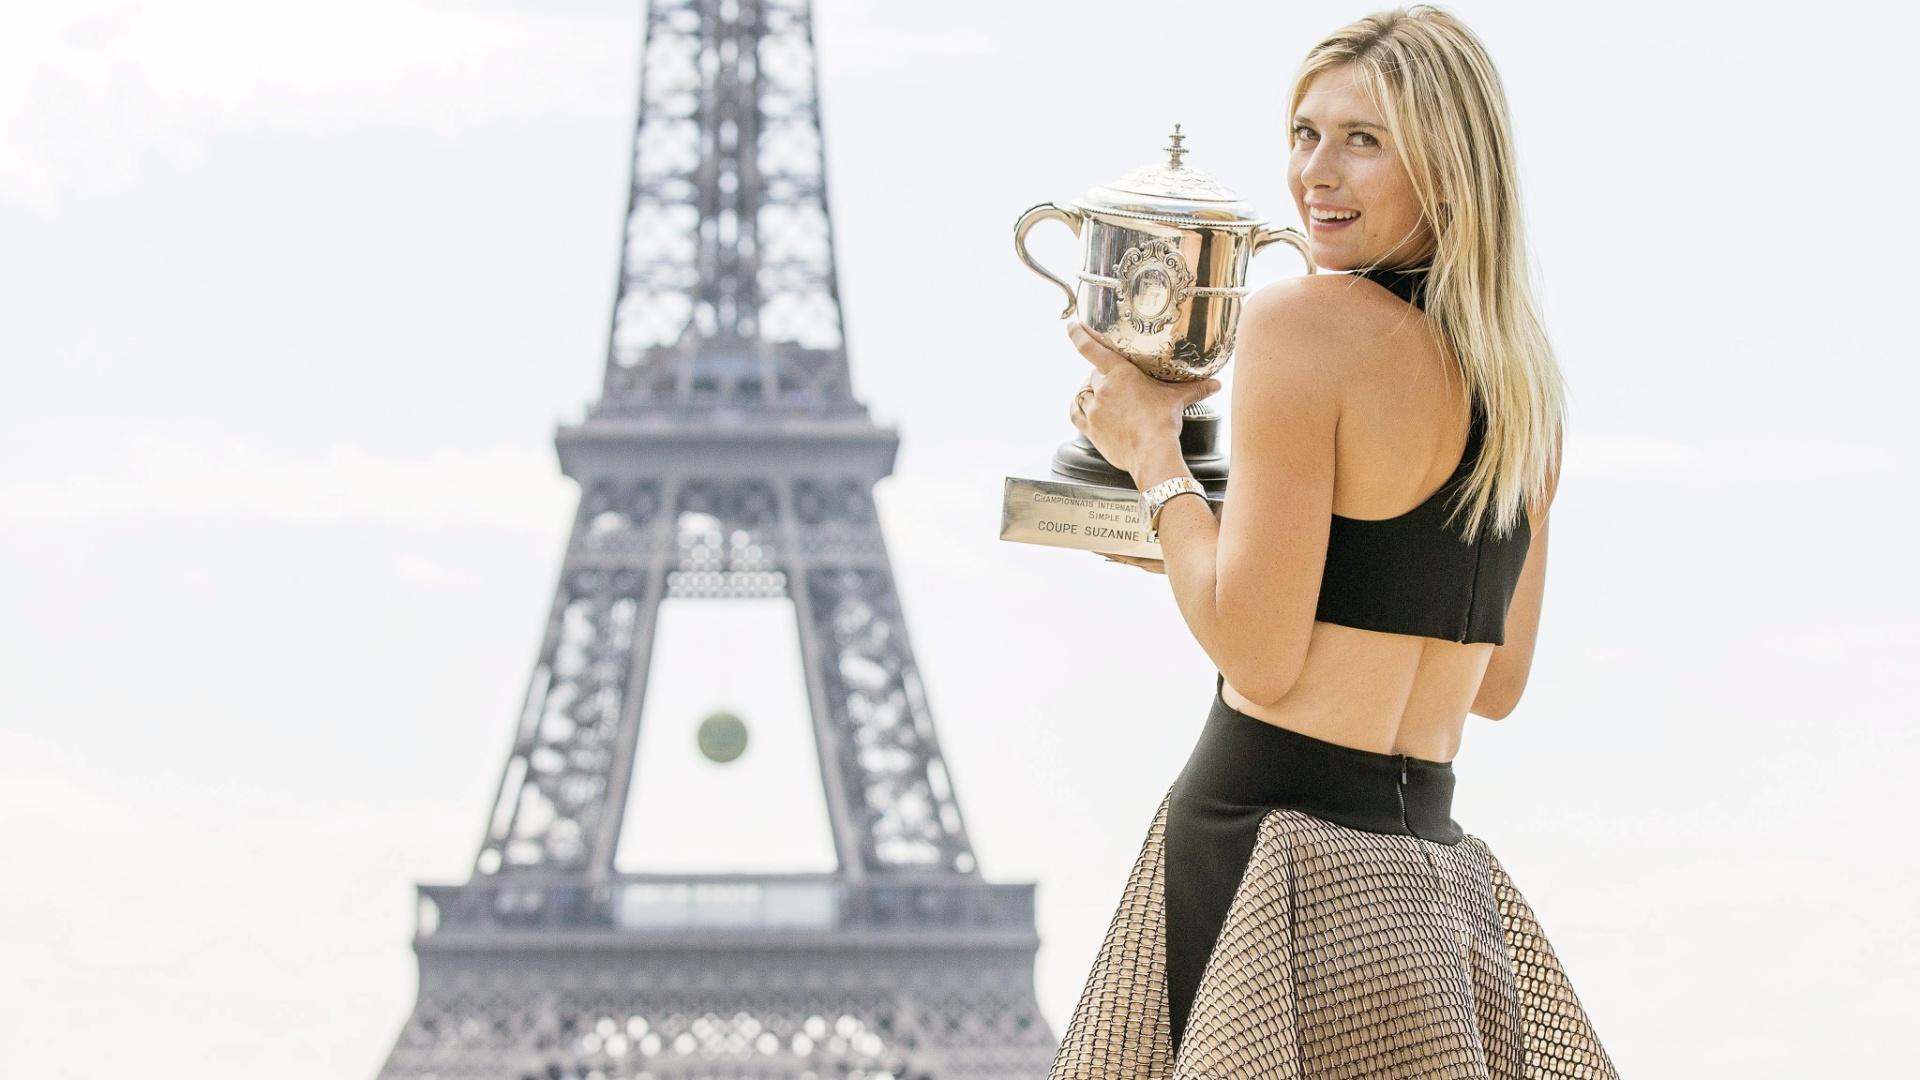 08.jun.2014 - Bicampeã do torneio feminino, Maria Sharapova posa com troféu de Roland Garros em frente à Torre Eifel